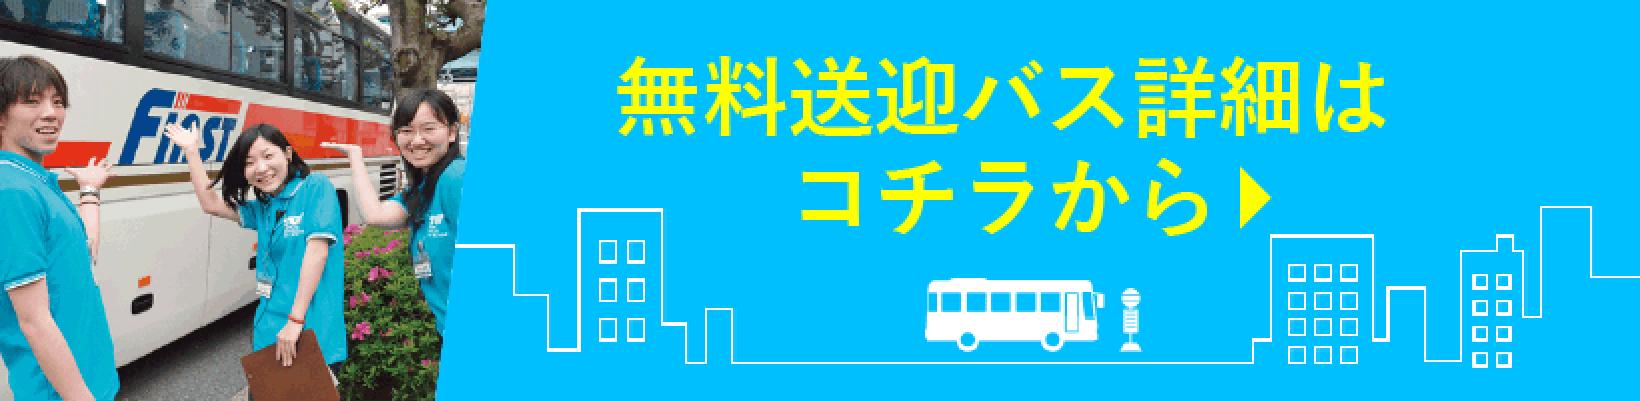 無料送迎バスの詳細はこちら